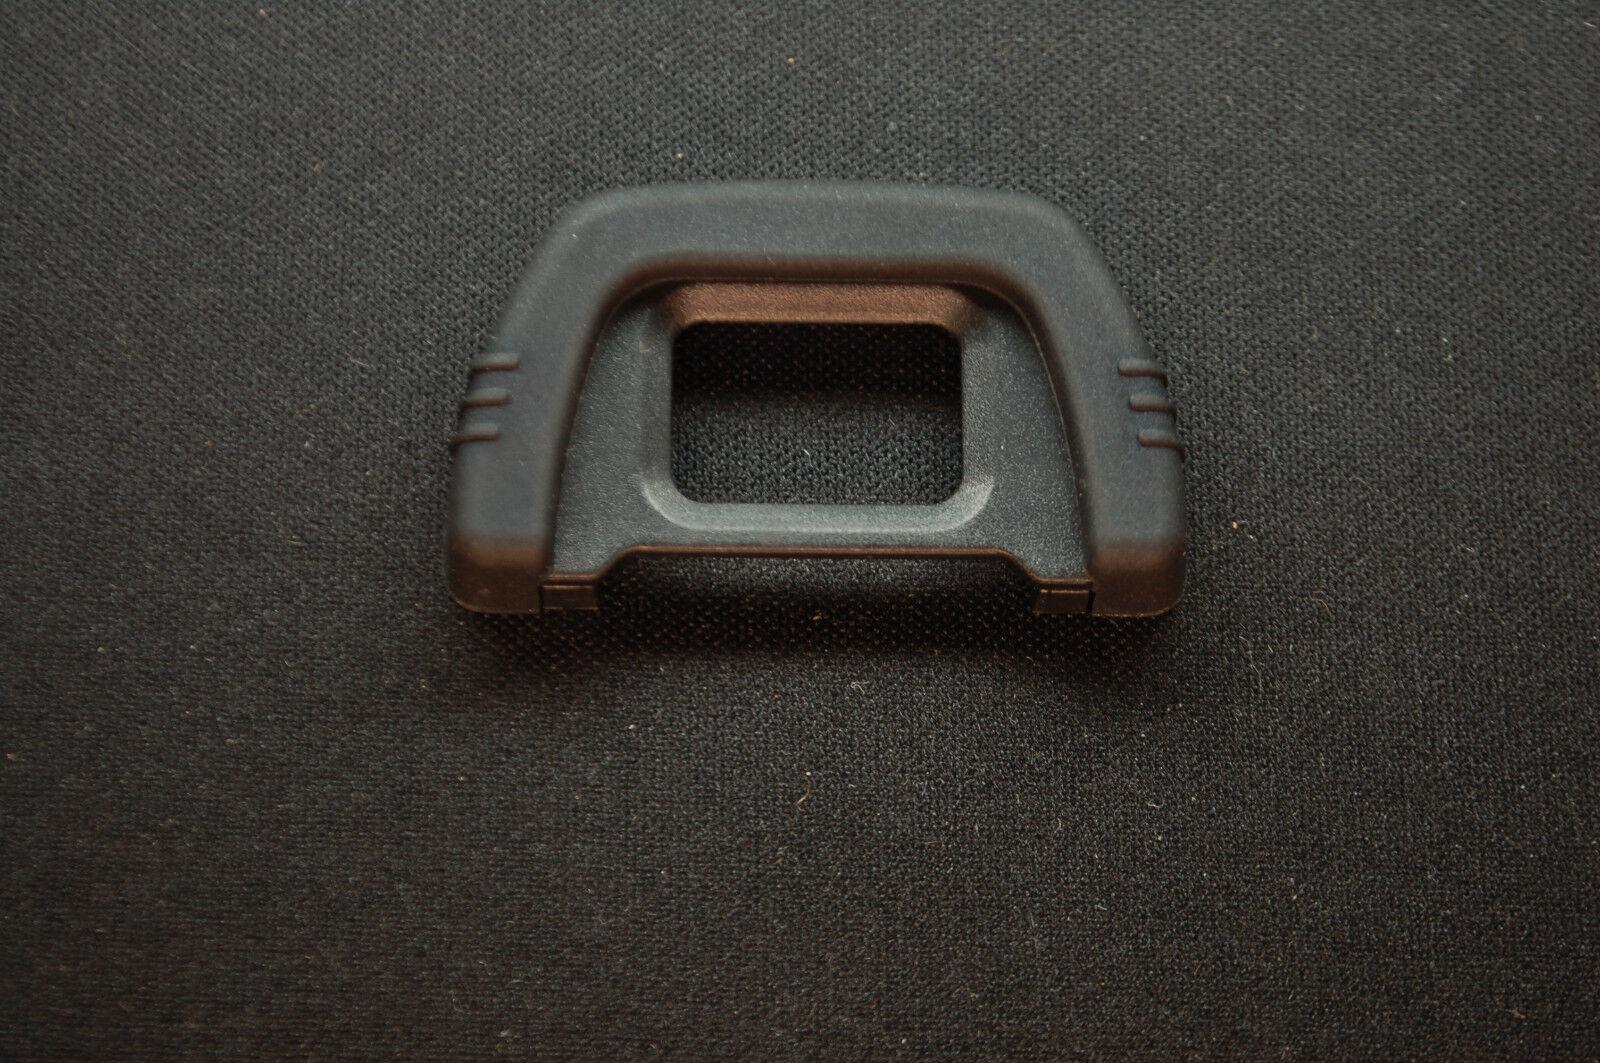 Battery Door Chamber Cover Lid Snap-On Cap Just for Nikon d90 d80 d50 d70 d70s Camera Repair Part